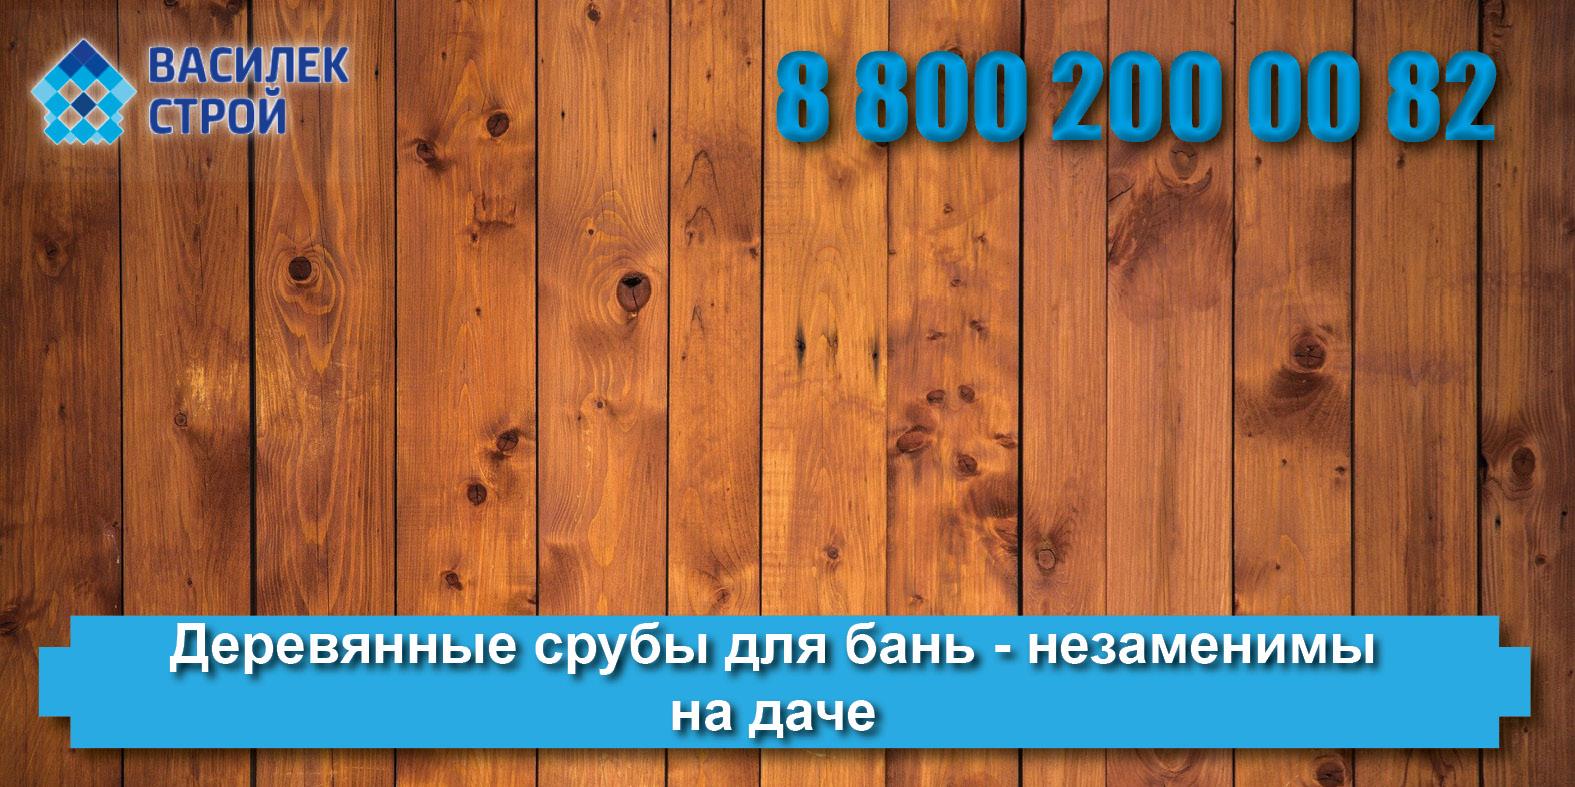 Строим бани по всем правилам: качественный деревянный сруб - Василек Строй - Дома и бани из бруса